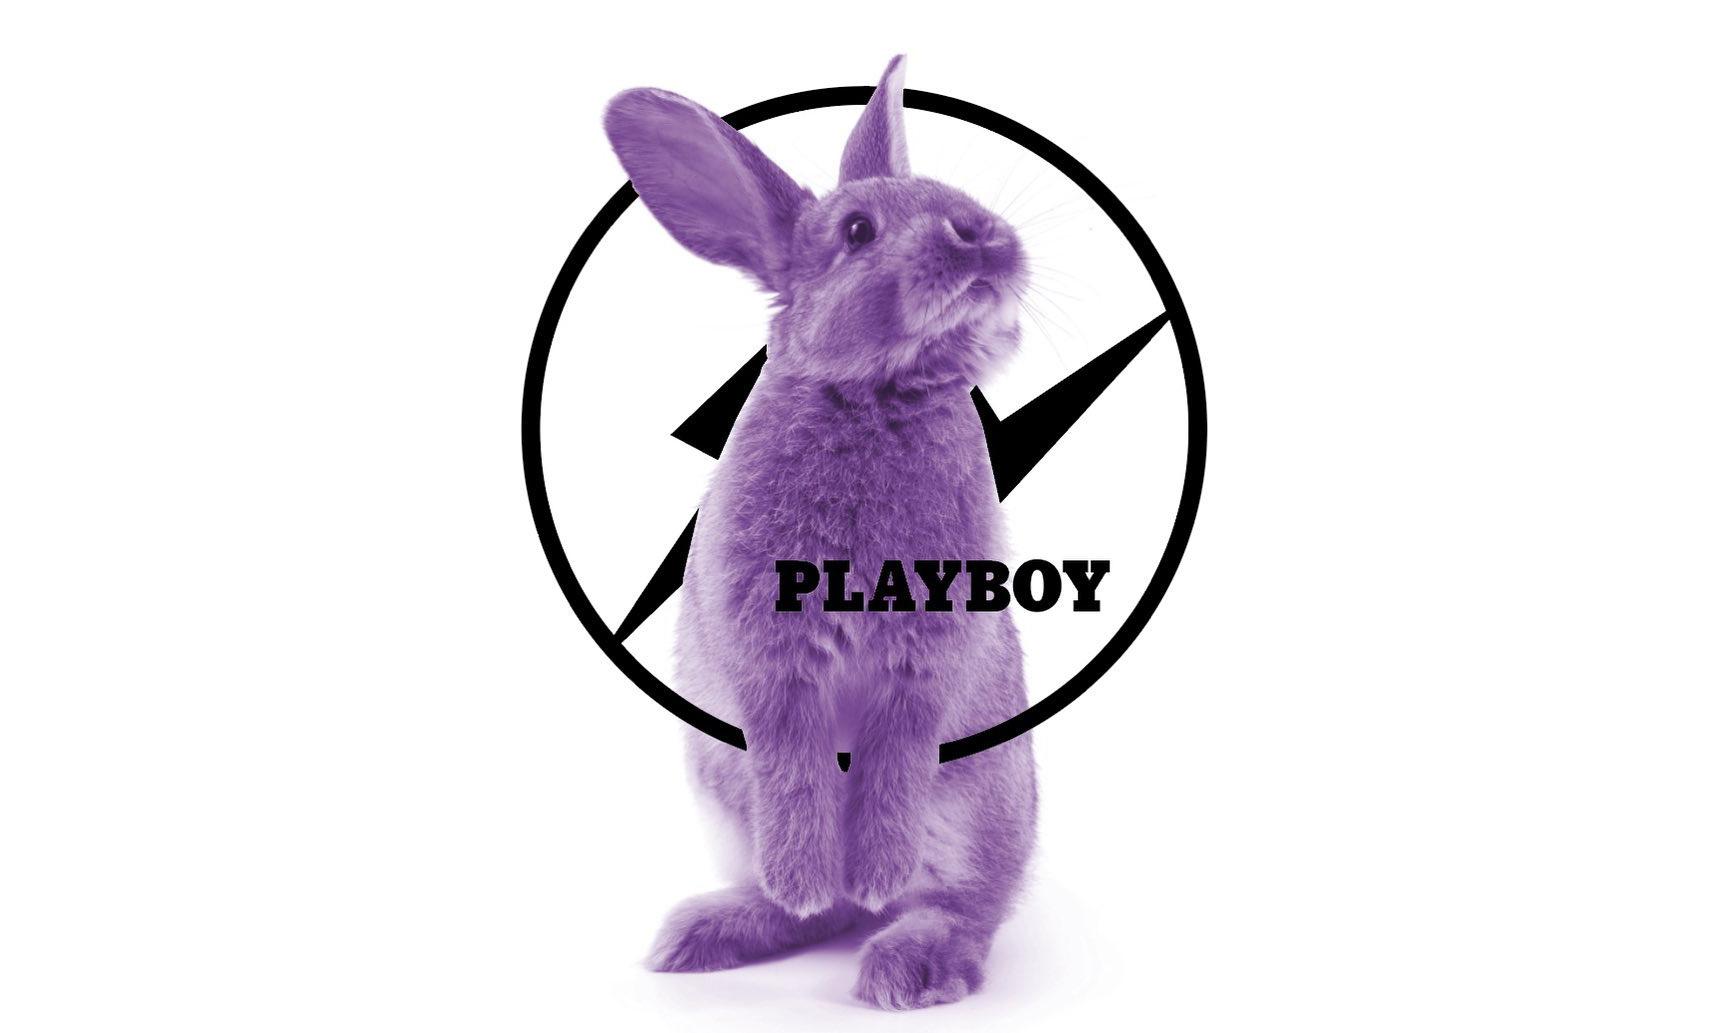 马不停蹄,fragment design x Playboy 联乘系列即将释出